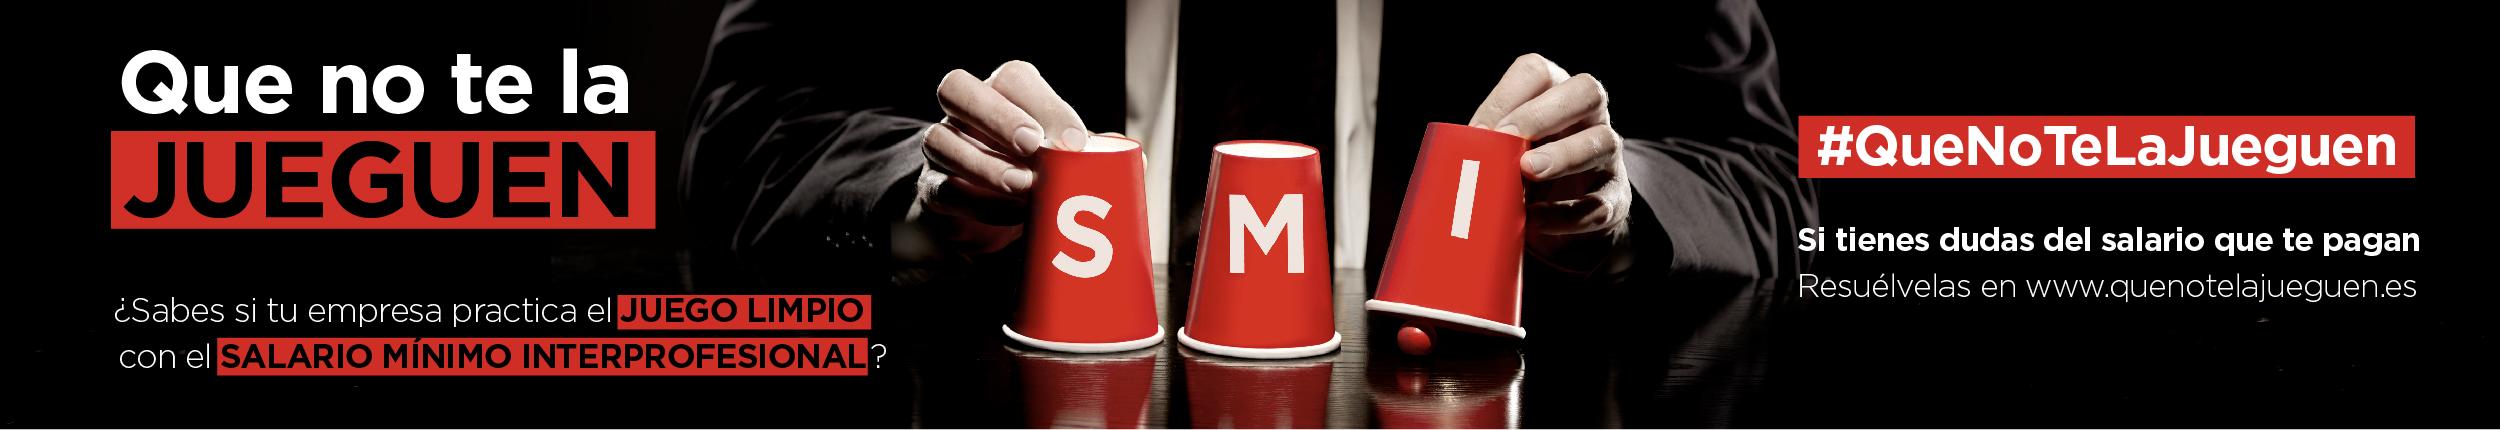 Campaña SMI